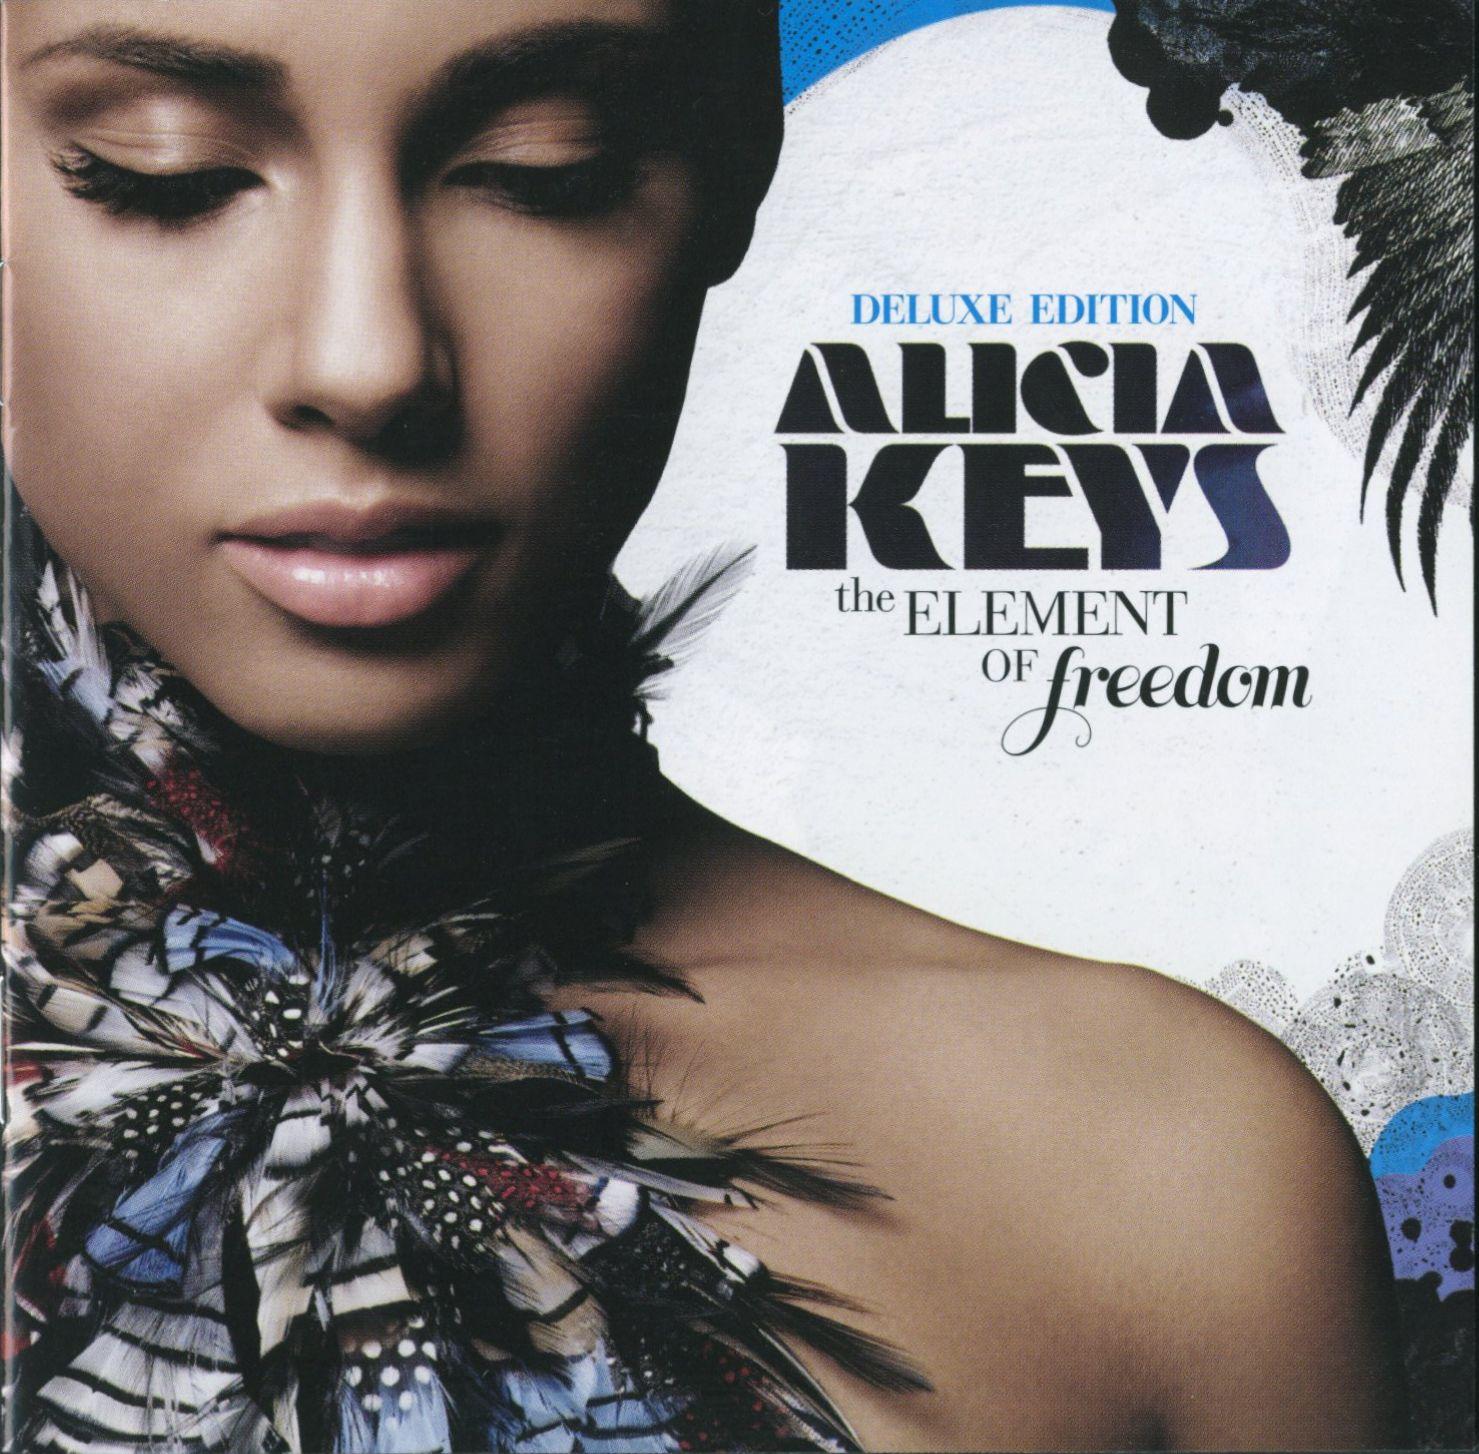 http://4.bp.blogspot.com/_NzrkVTeU6oA/S-UQAGRcZiI/AAAAAAAACjs/9gc5F9B43GM/s1600/Alicia+Keys+-+The+Element+Of+Freedom+%5BDE%5D+%5BFront%5D.jpg